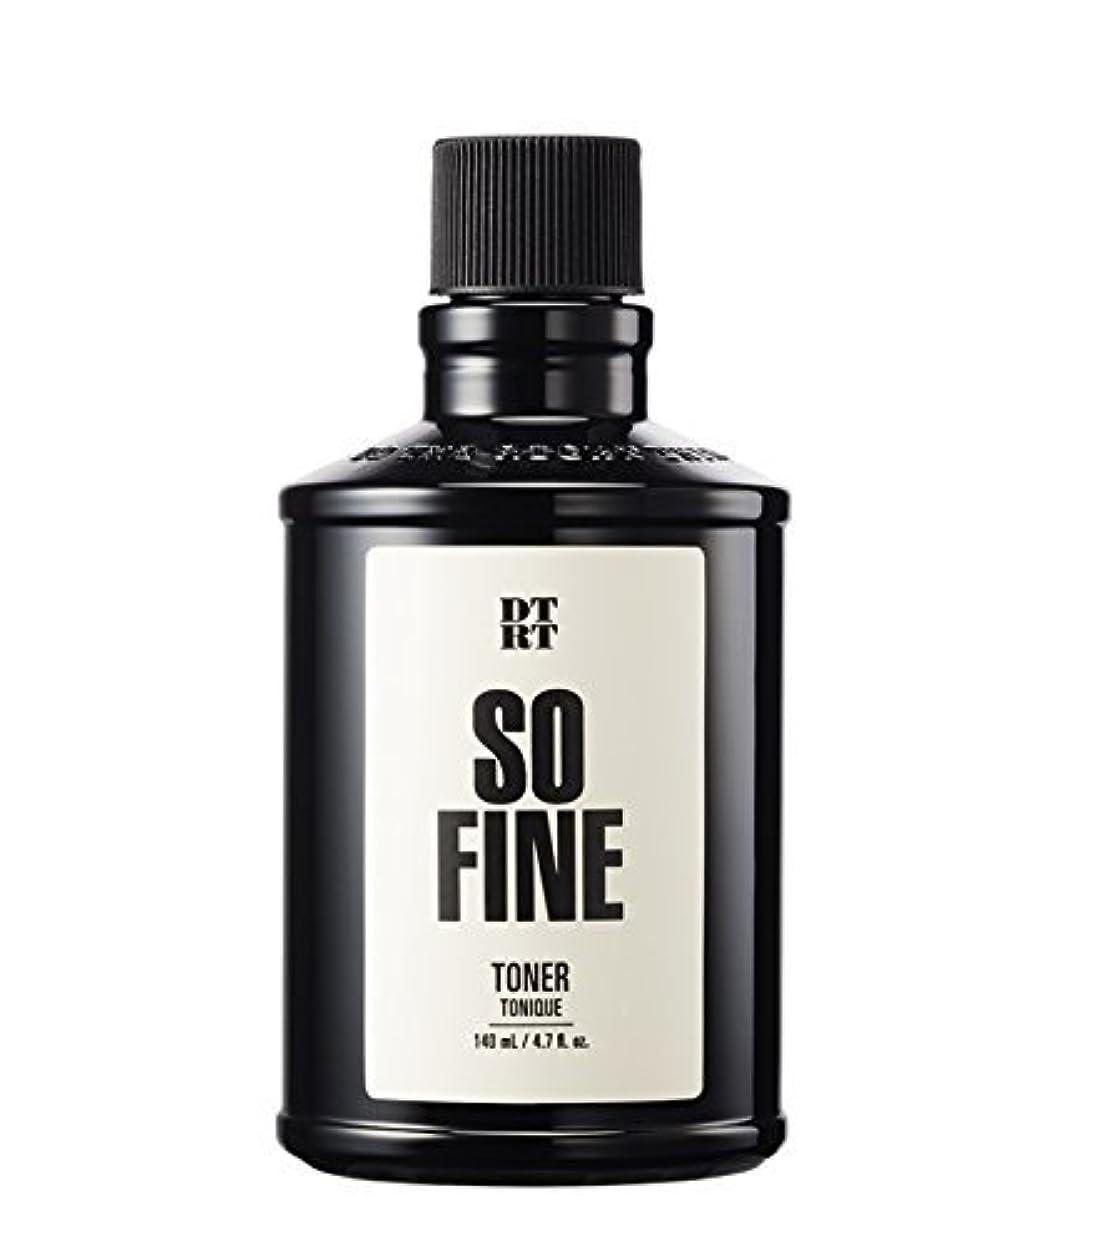 足首化粧胚DTRT トナーソファイン140ml For men / DTRT So Fine Toner / Korea Cosmetic